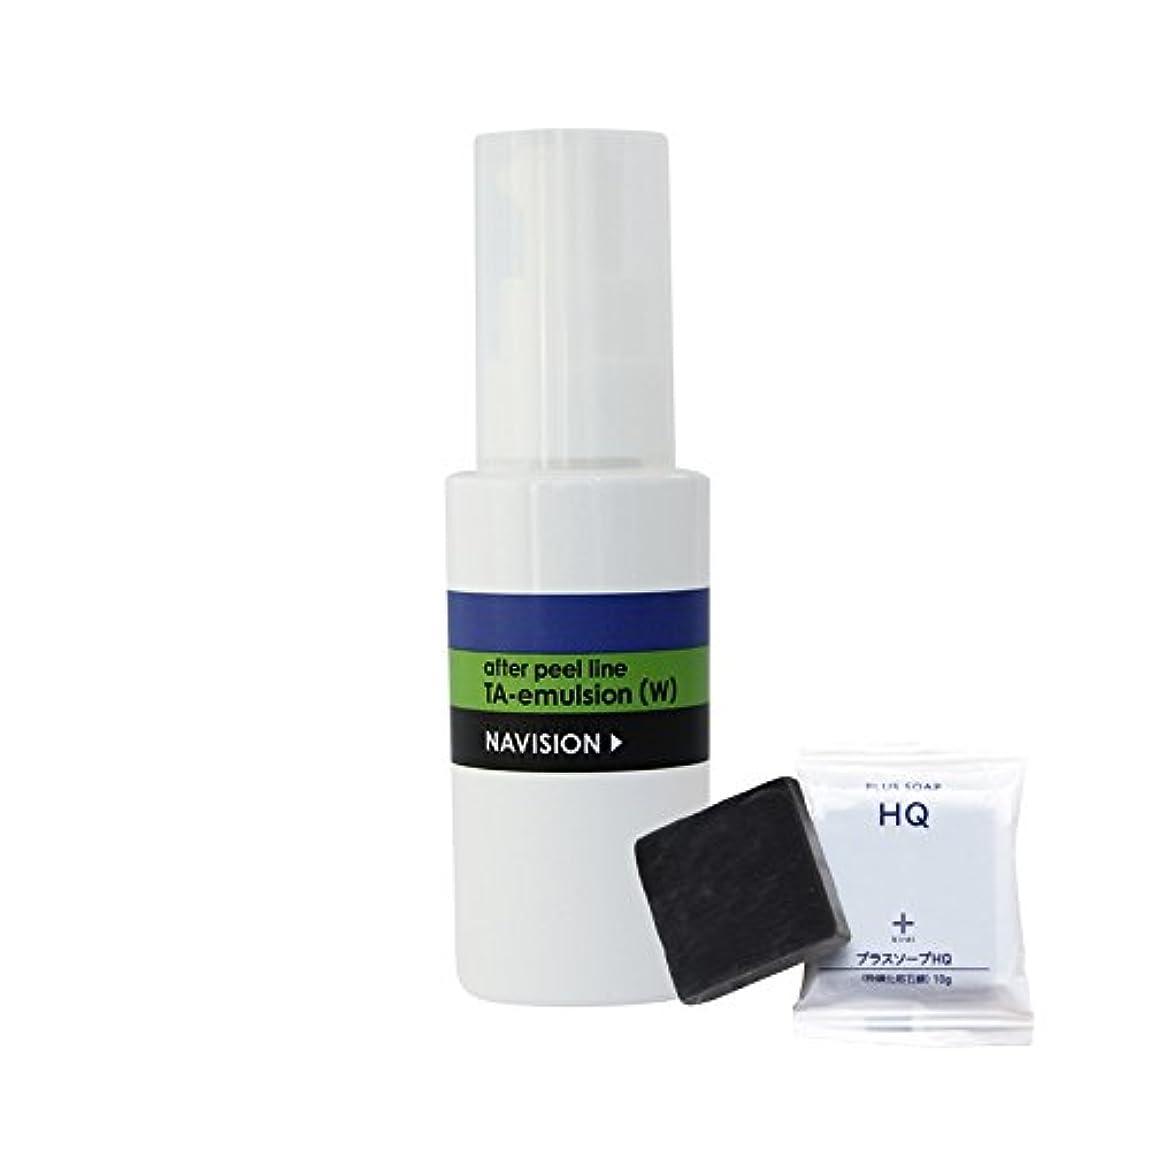 先住民提案サイトナビジョン NAVISION TAエマルジョン(W) (医薬部外品) + プラスキレイ プラスソープHQミニ